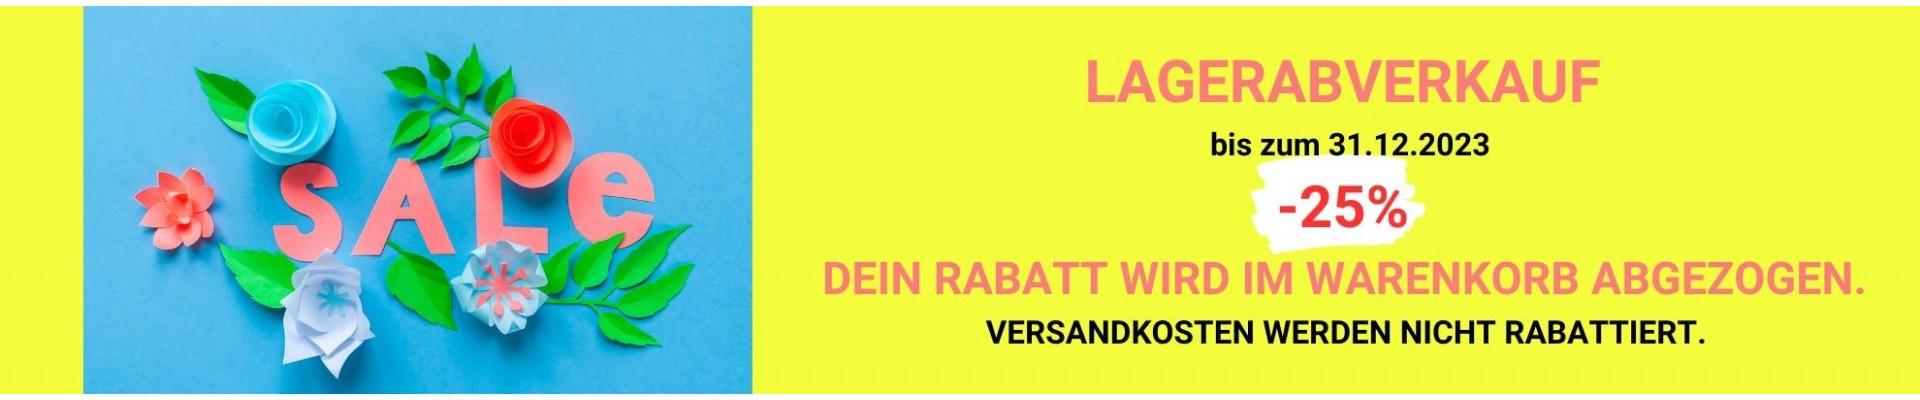 Herzlich willkommen in der Papeterie von schönherum. Entdecke kunstvolle und florale Karten, Postkarten, Aufkleber, Geschenkpapiere und Seidenpapiere in vielen fröhlichen Farben und passenden Mustern.